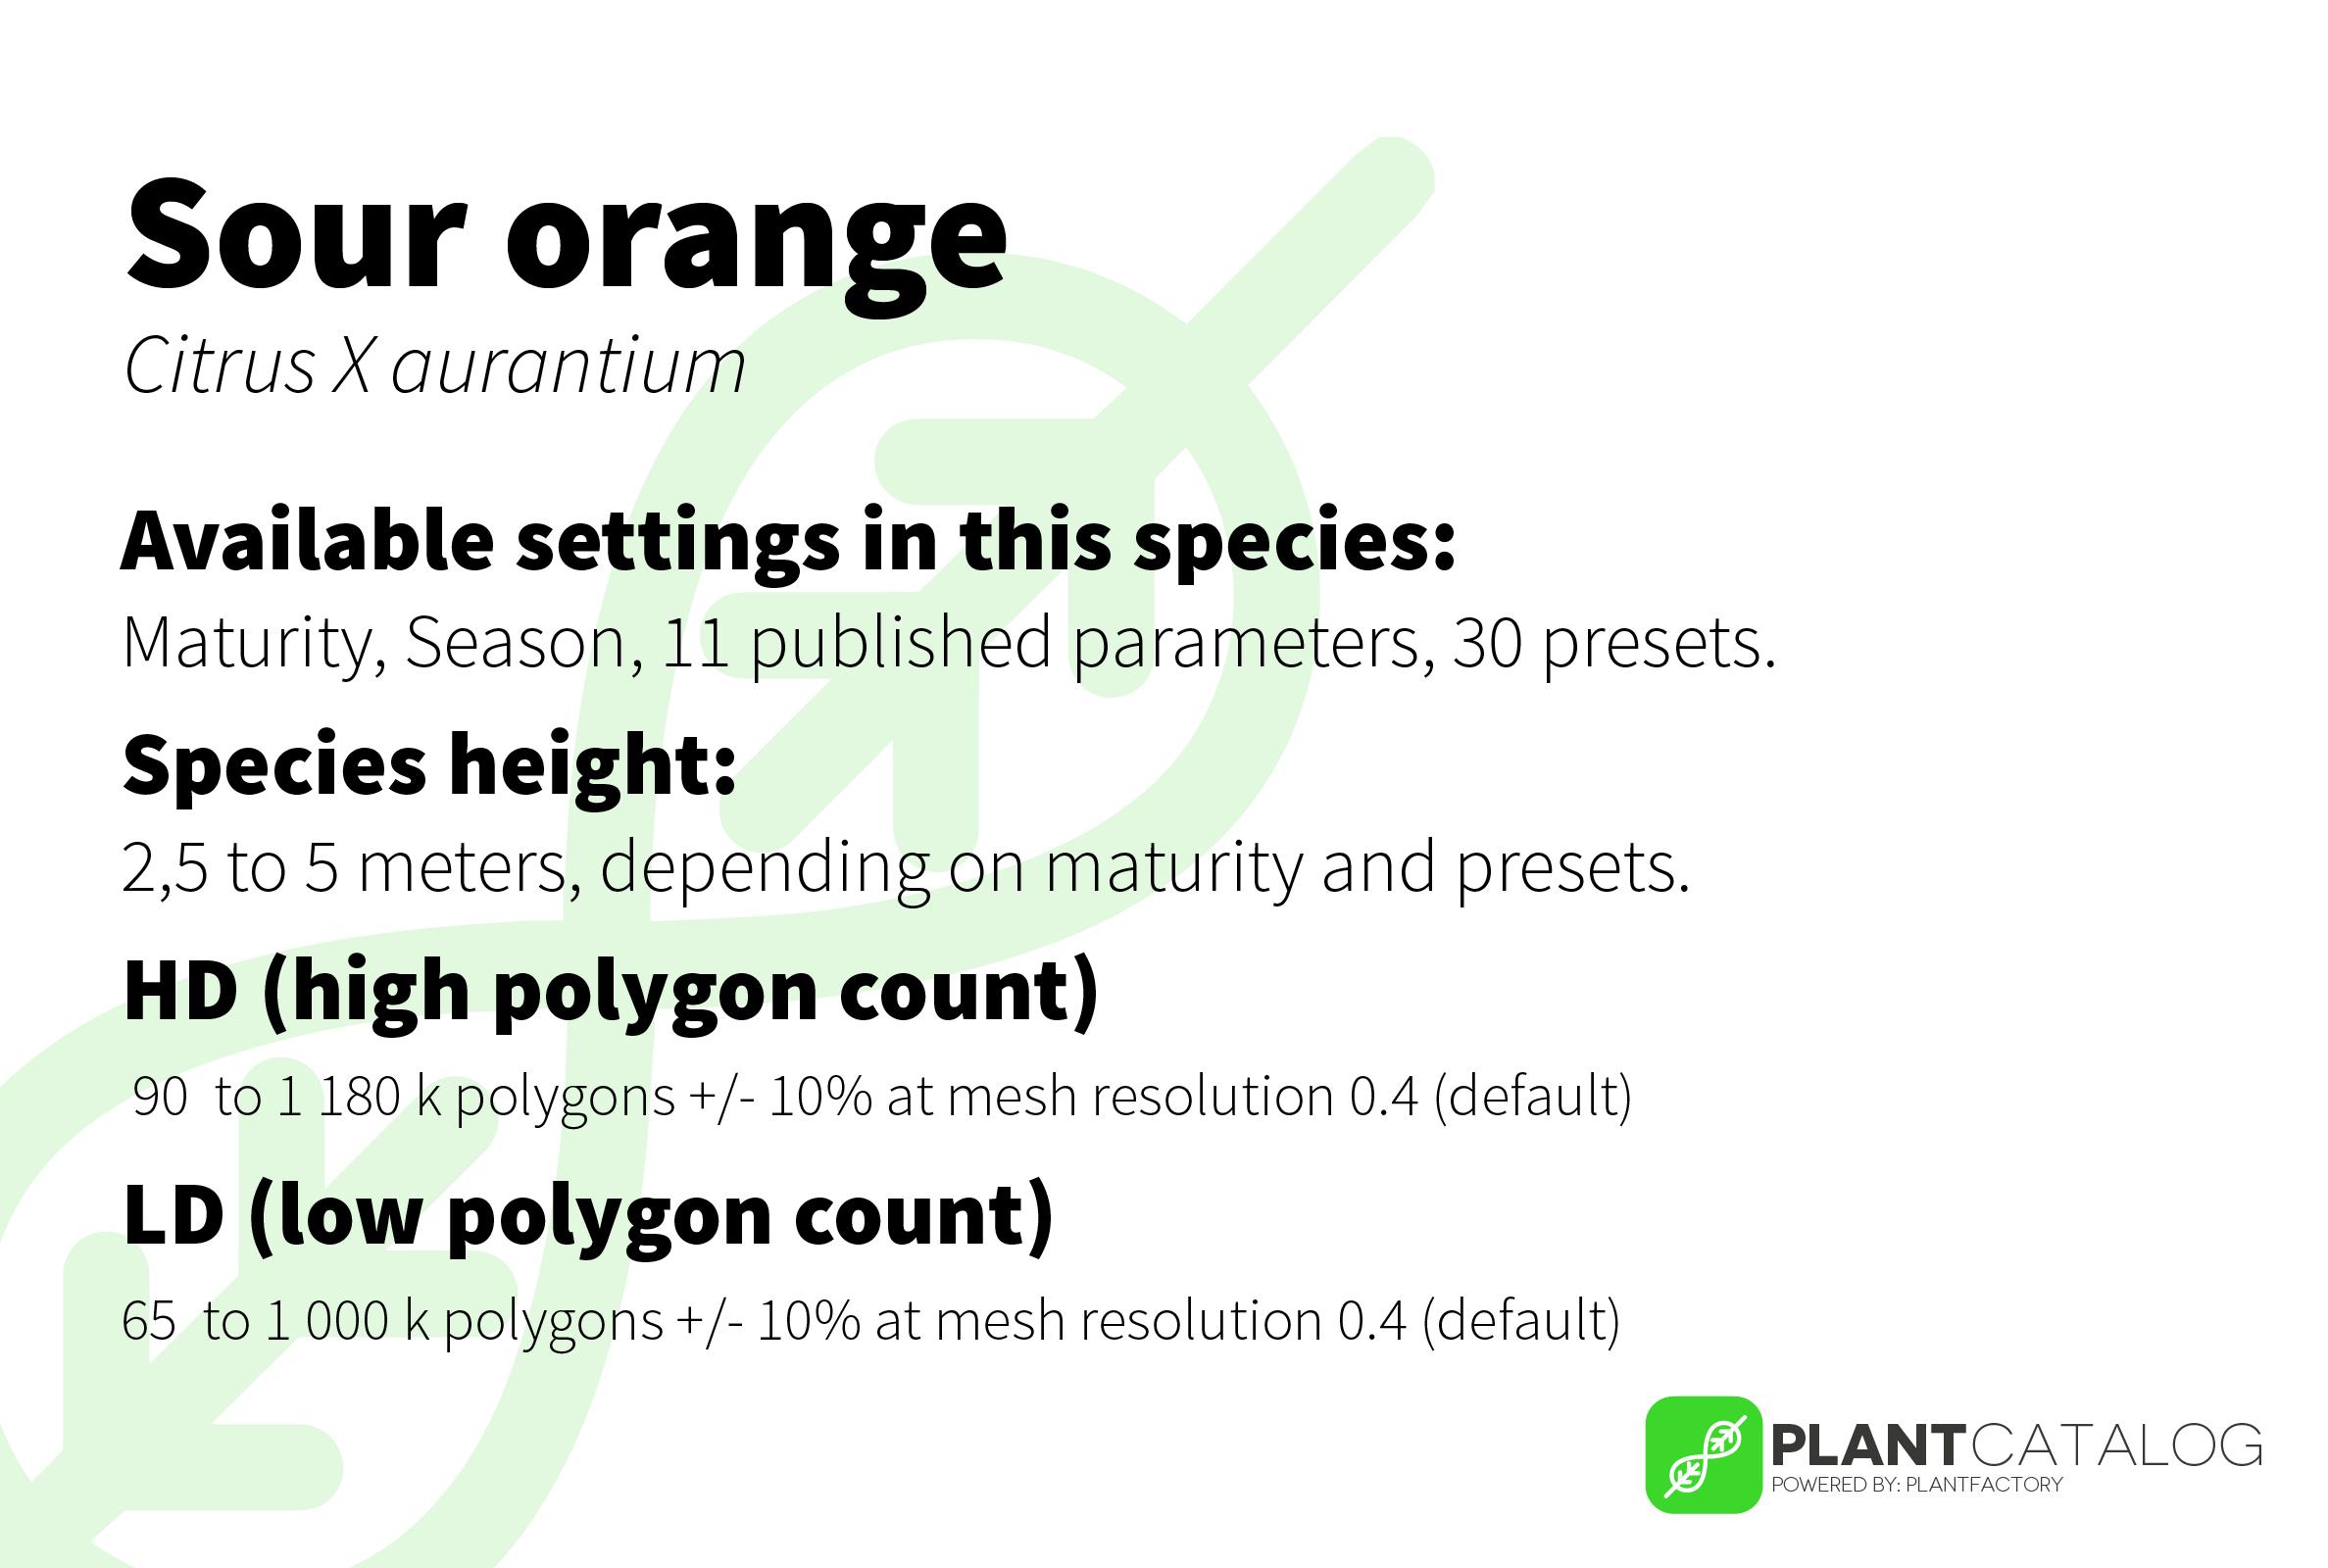 Sour orange